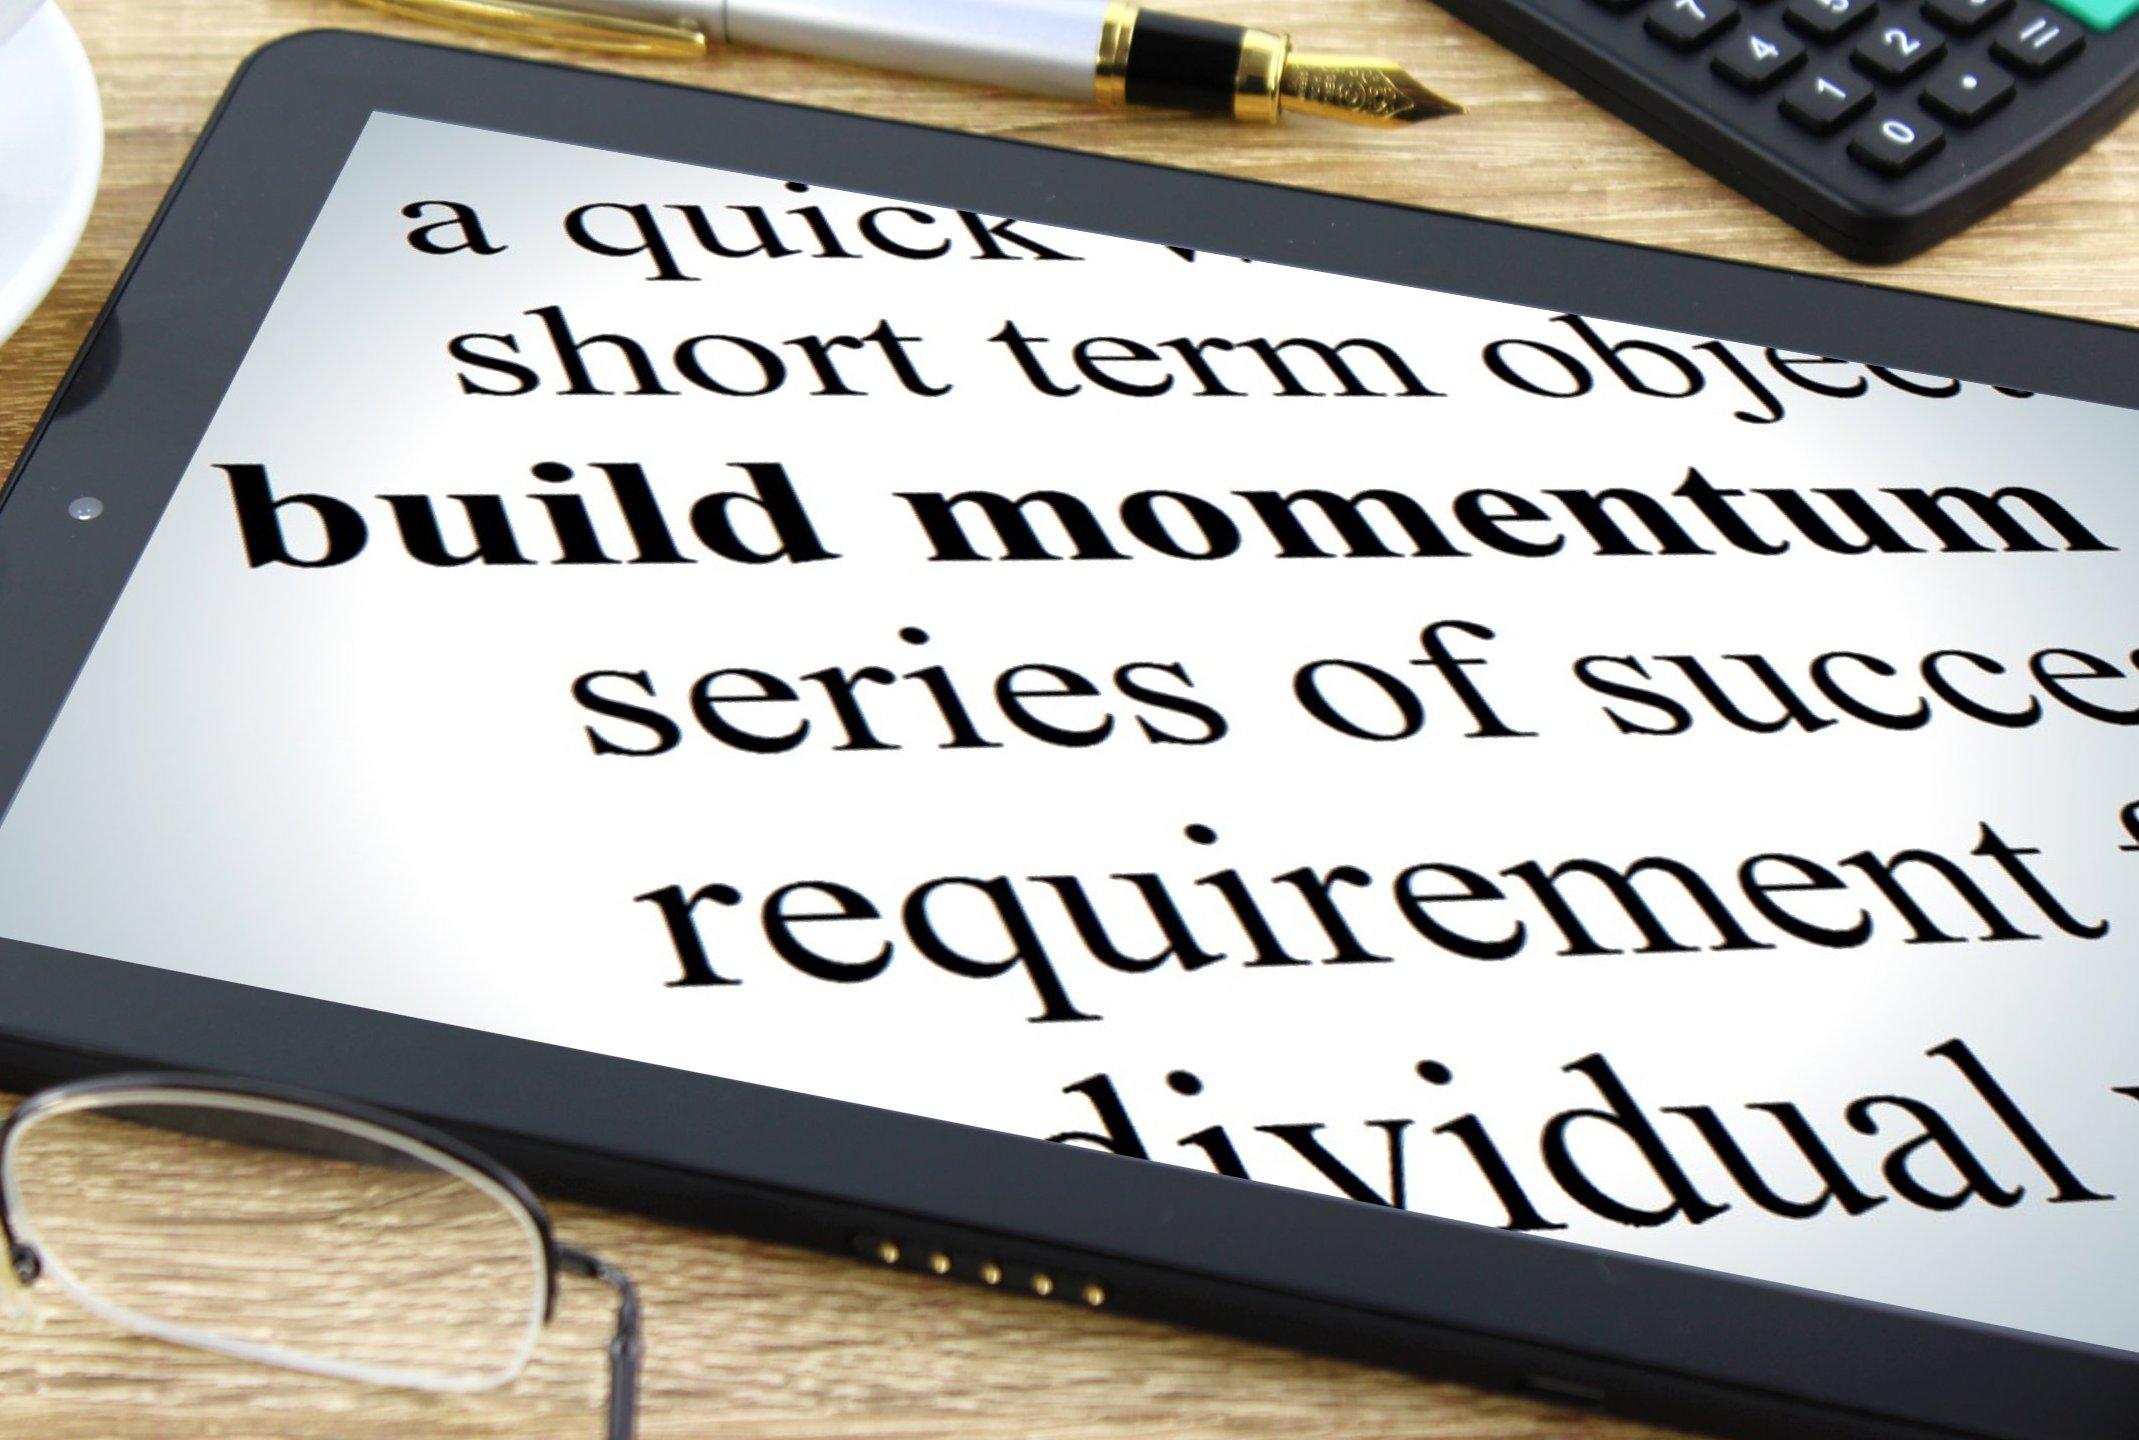 build-momentum